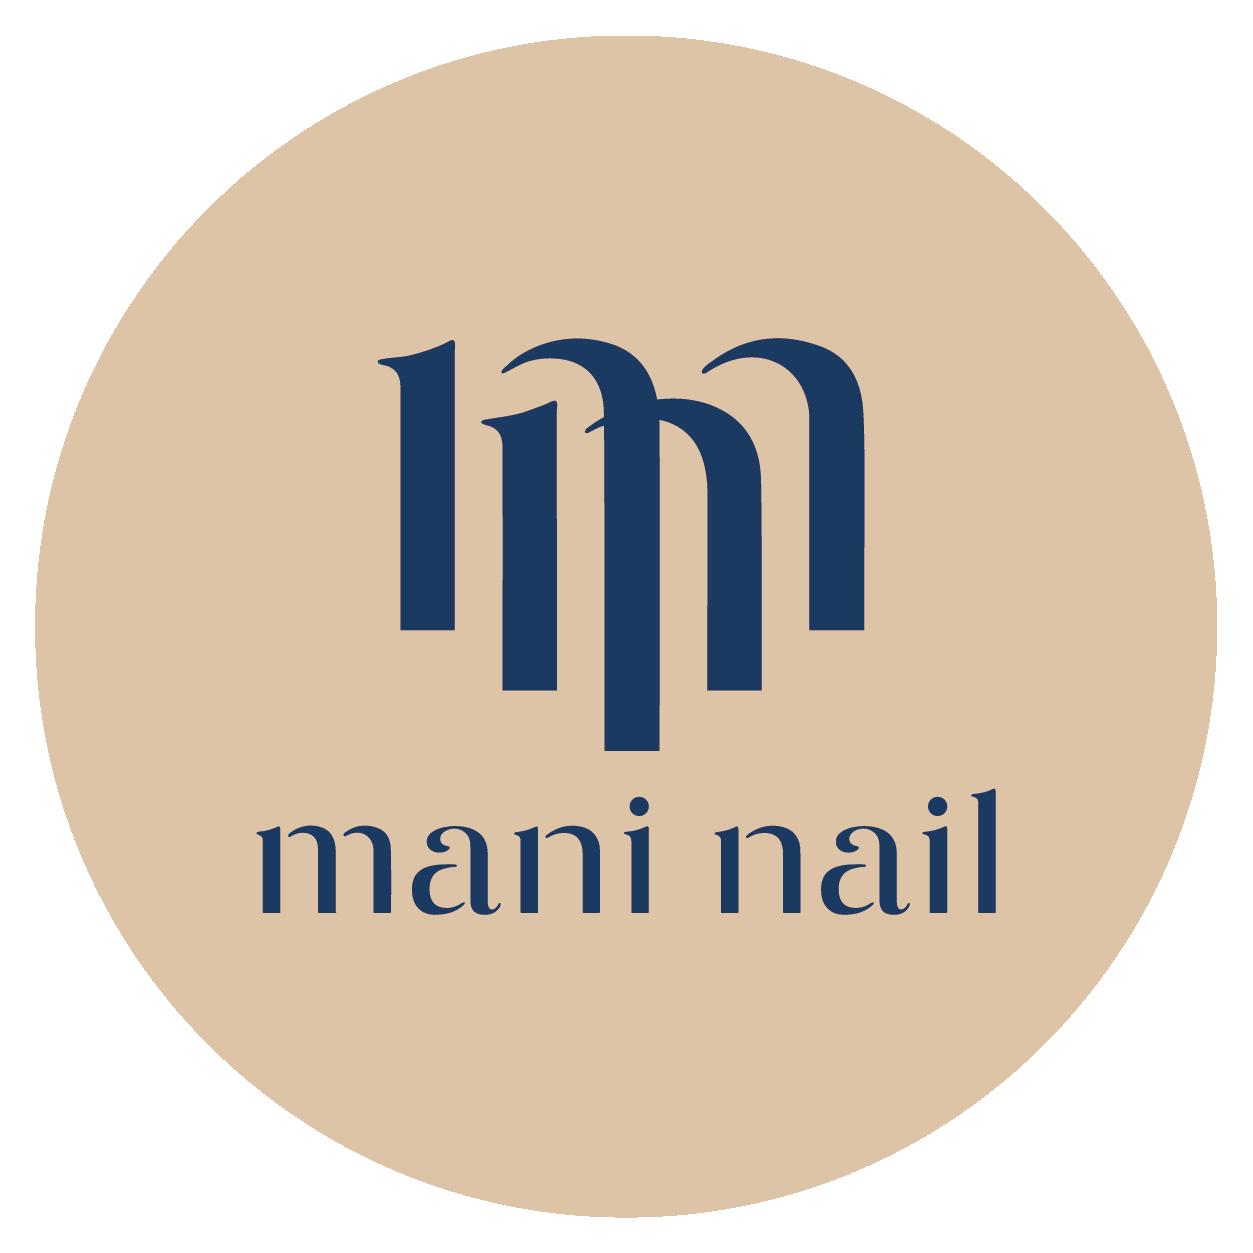 maninailーマニネイルー